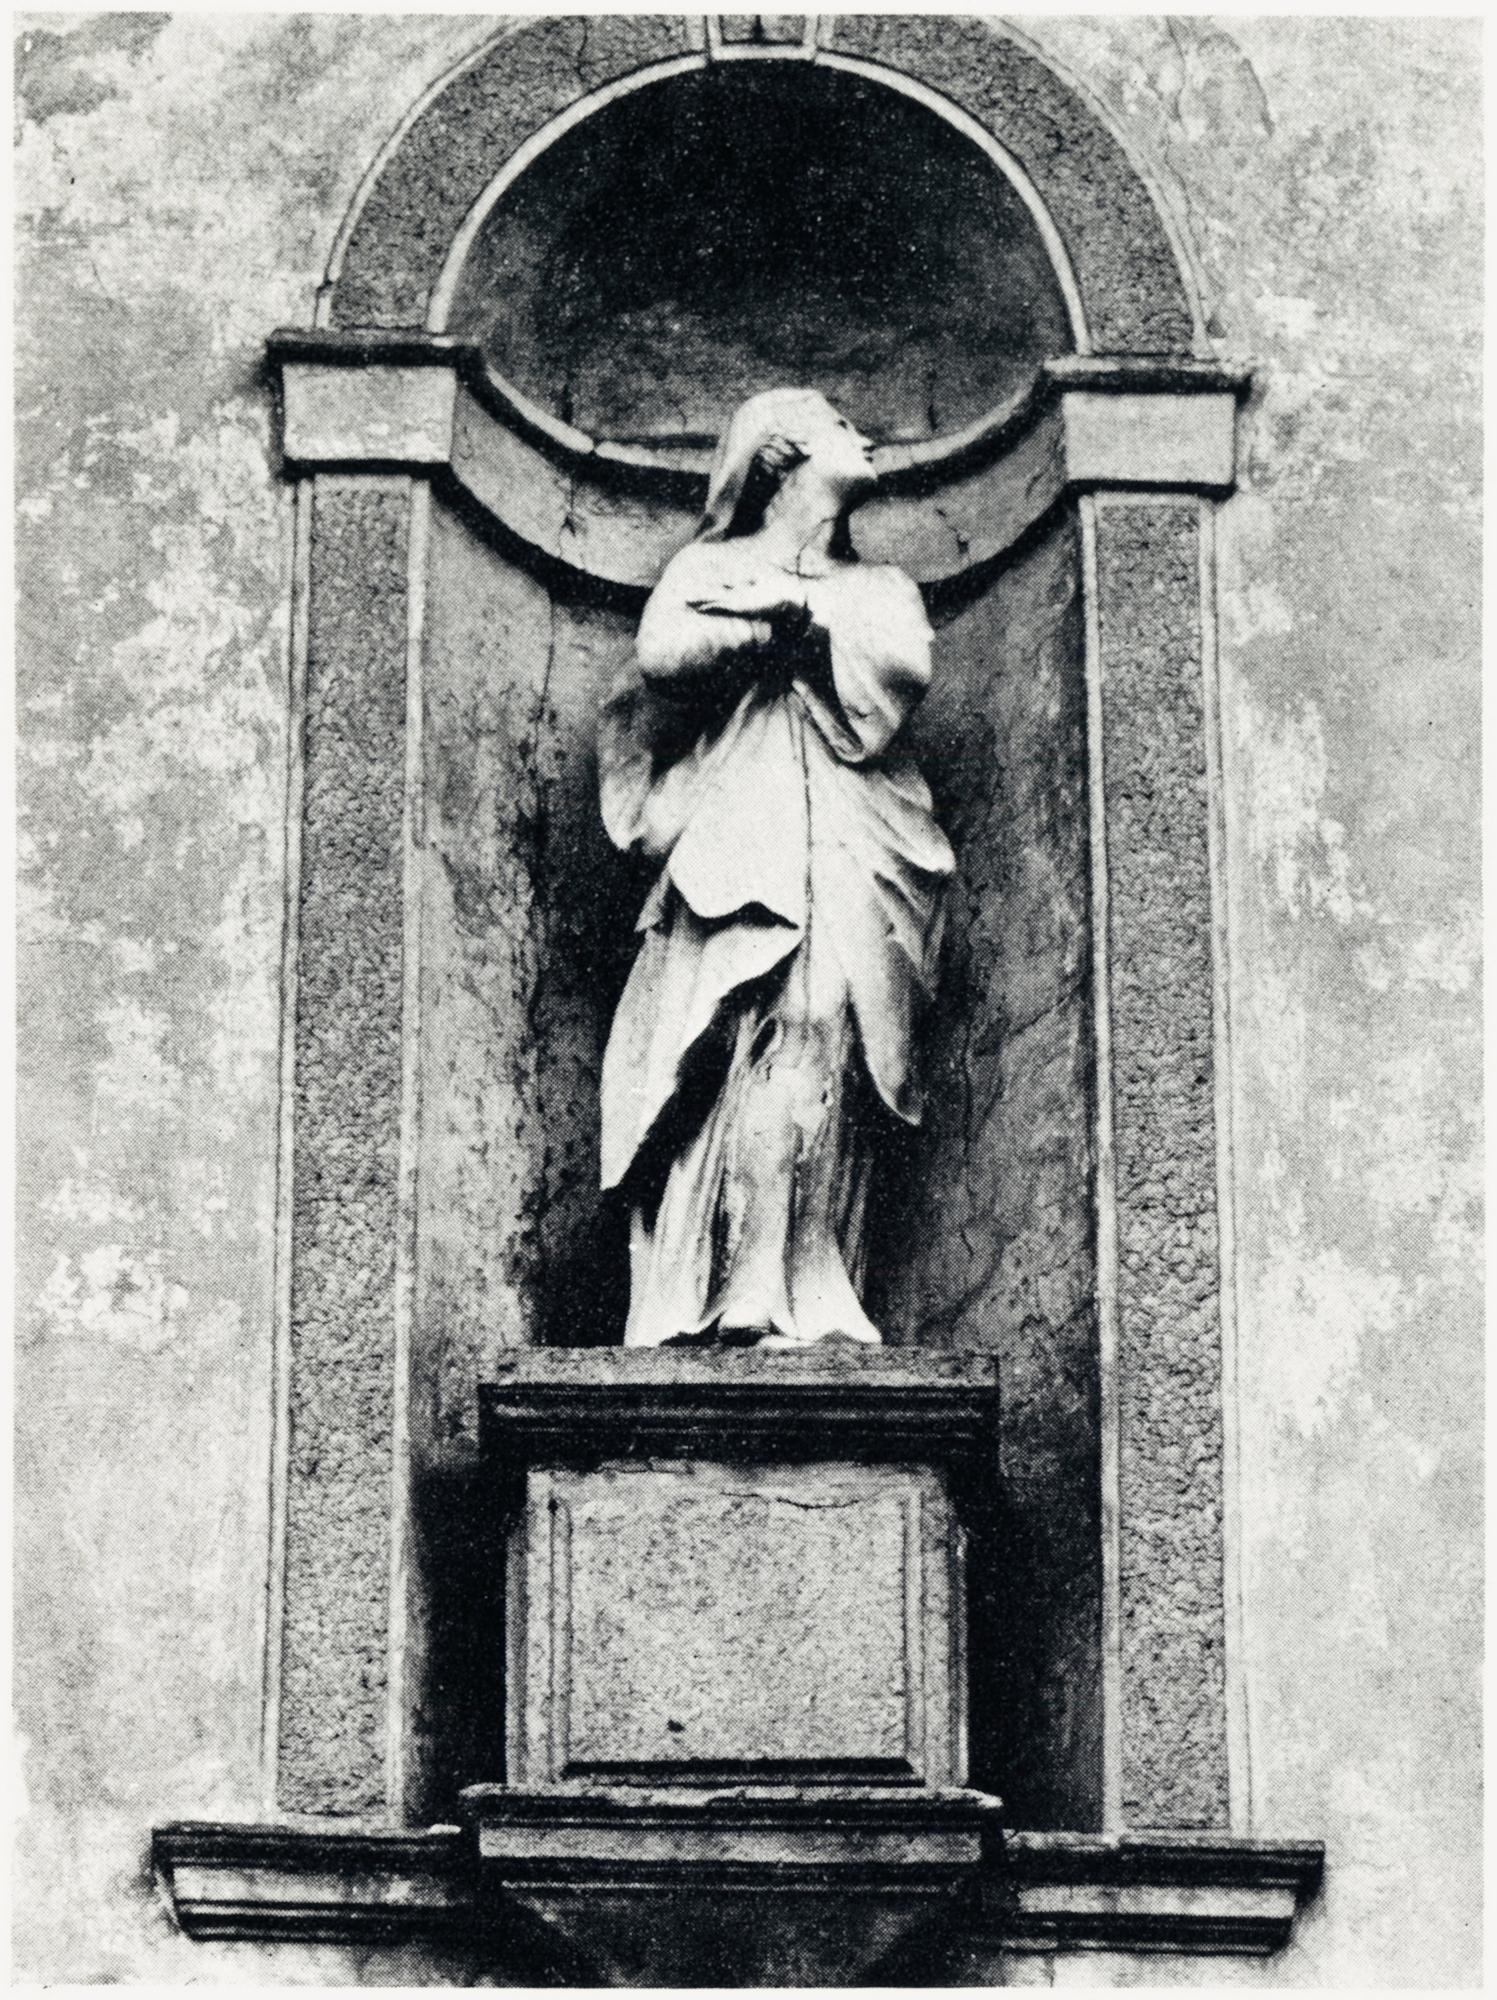 La Madonna, facciata vecchia chiesa di S. Giacomo, Battaglia Terme.